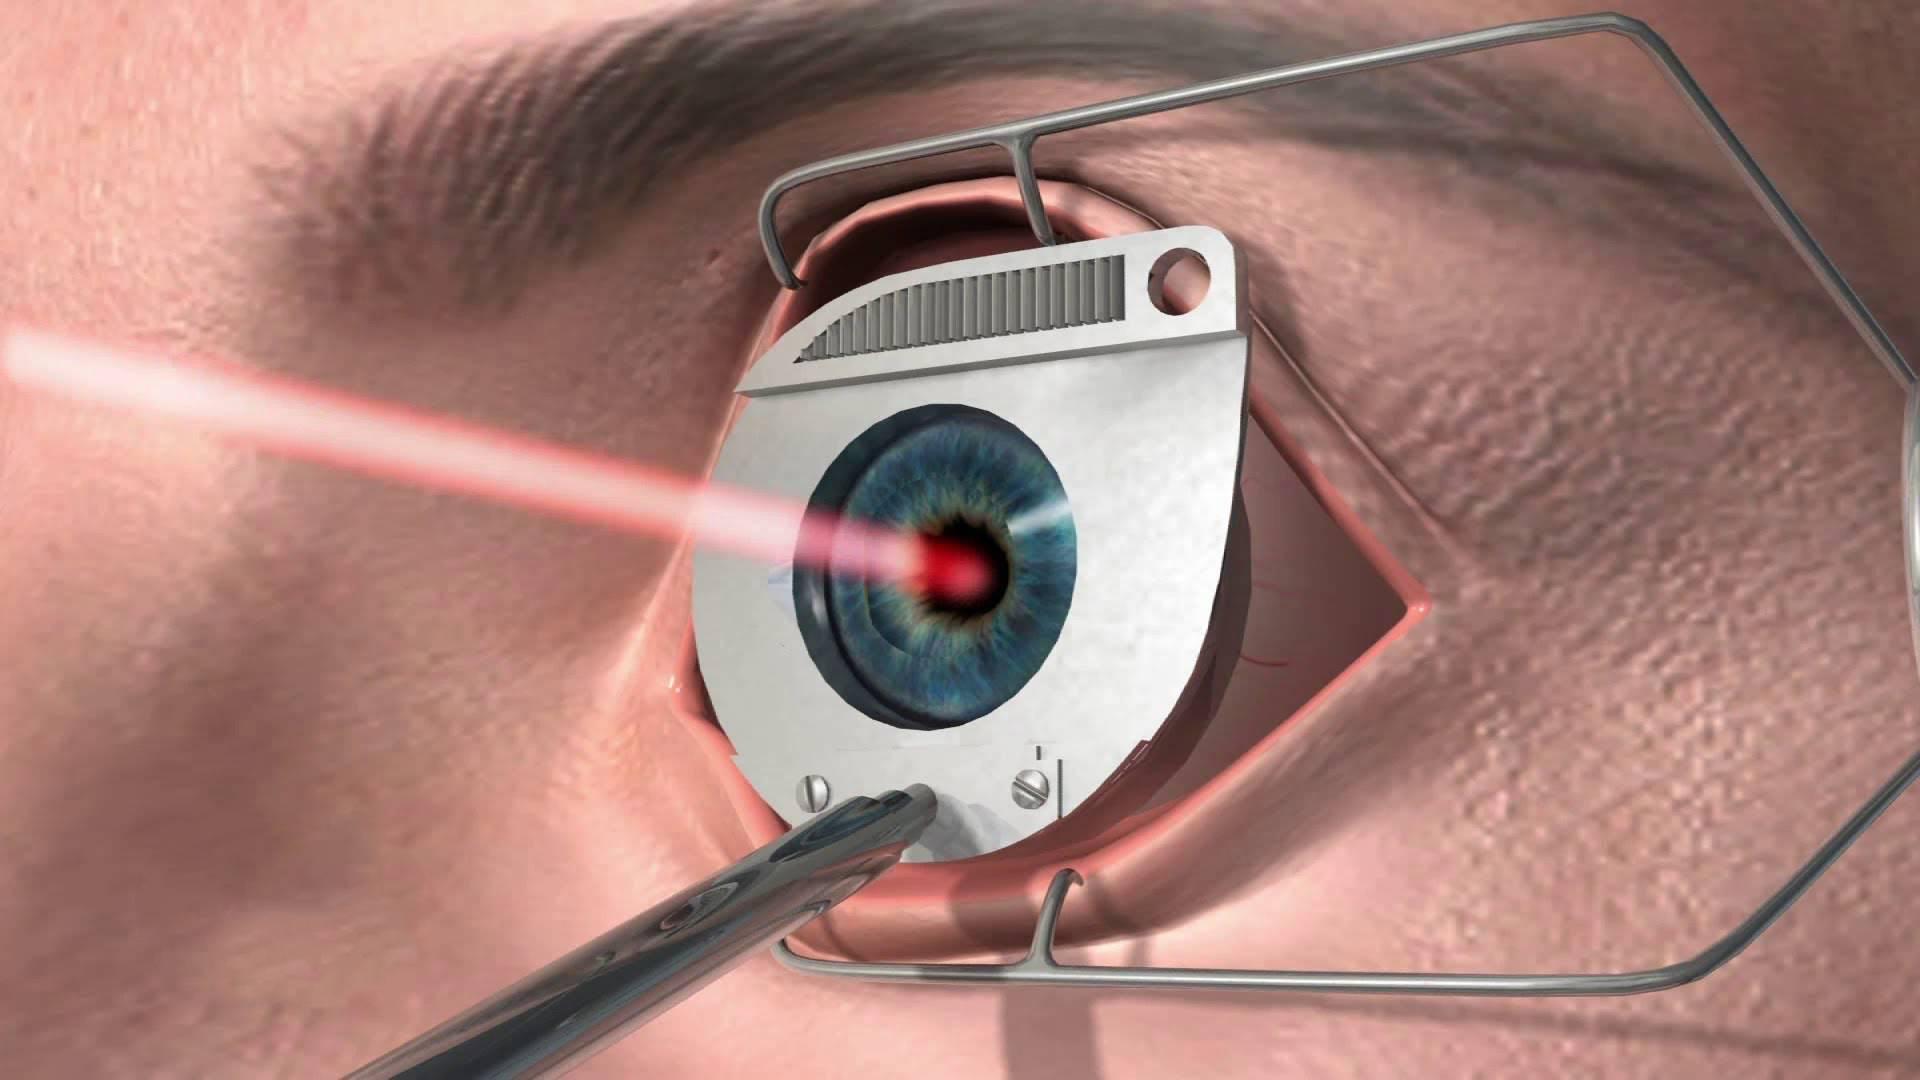 Операция при астигматизме на глаза: виды, стоимость